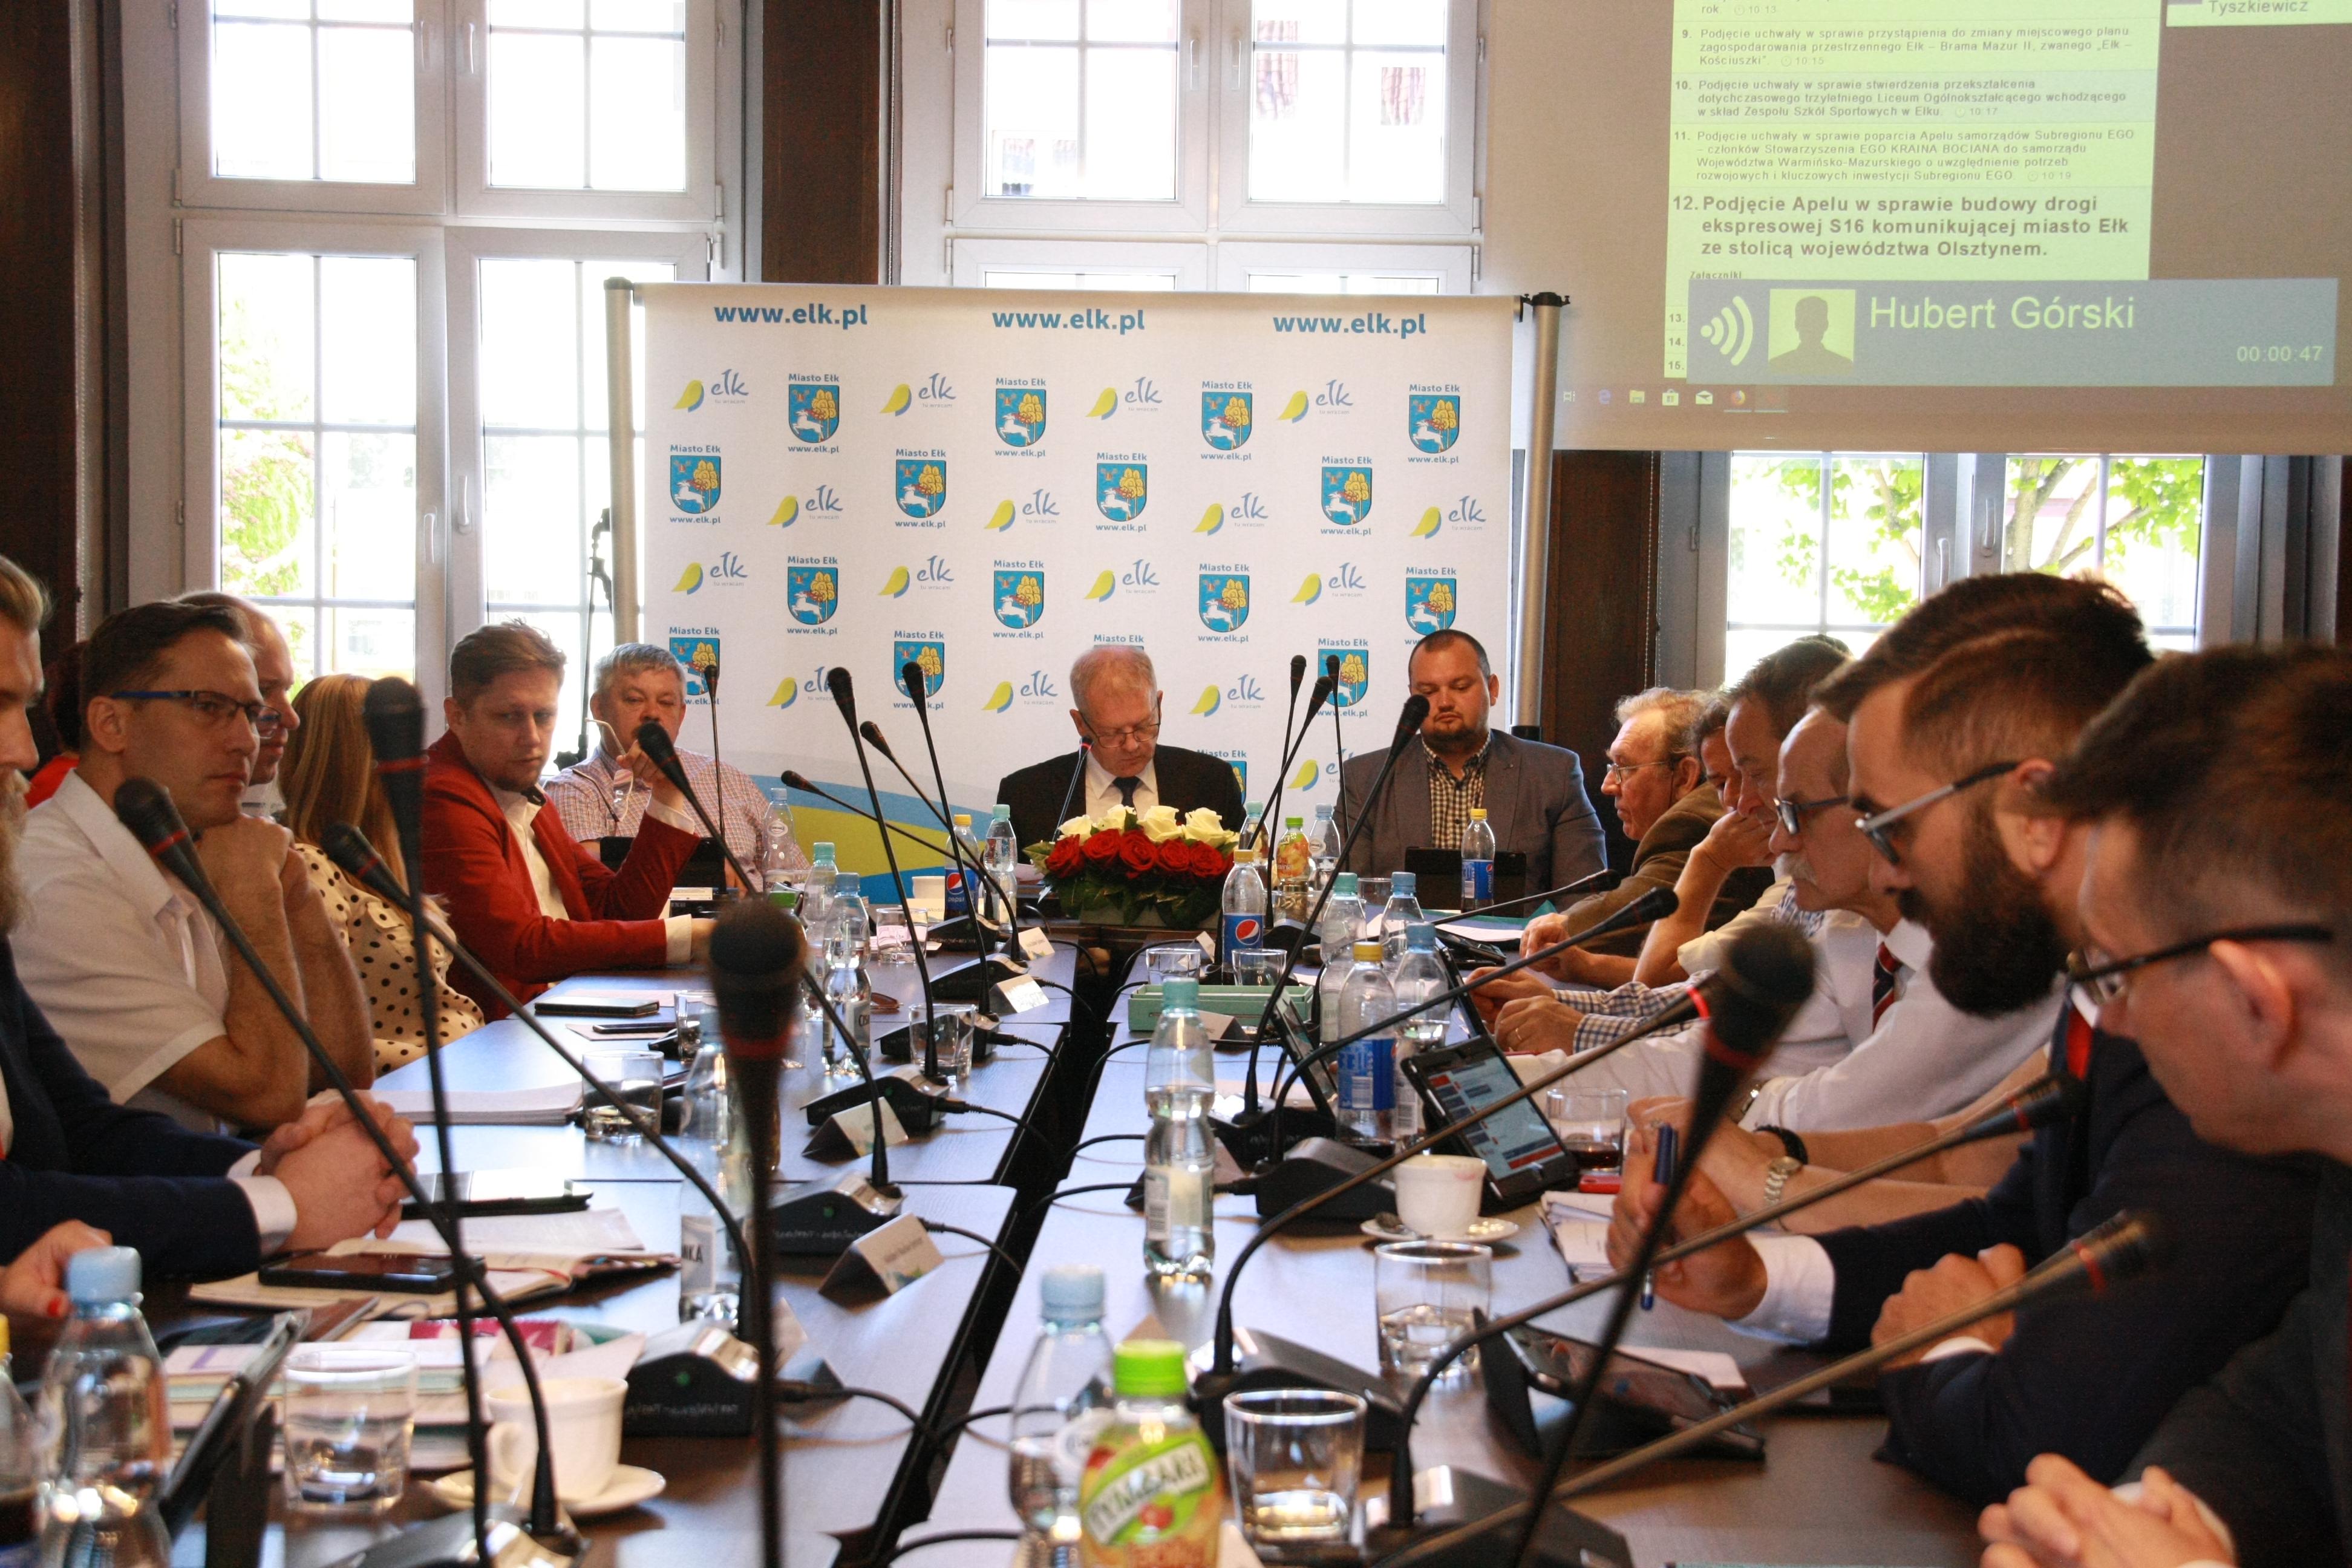 f456674d3b Ełcki samorząd apeluje o budowę drogi S16 - Ełk